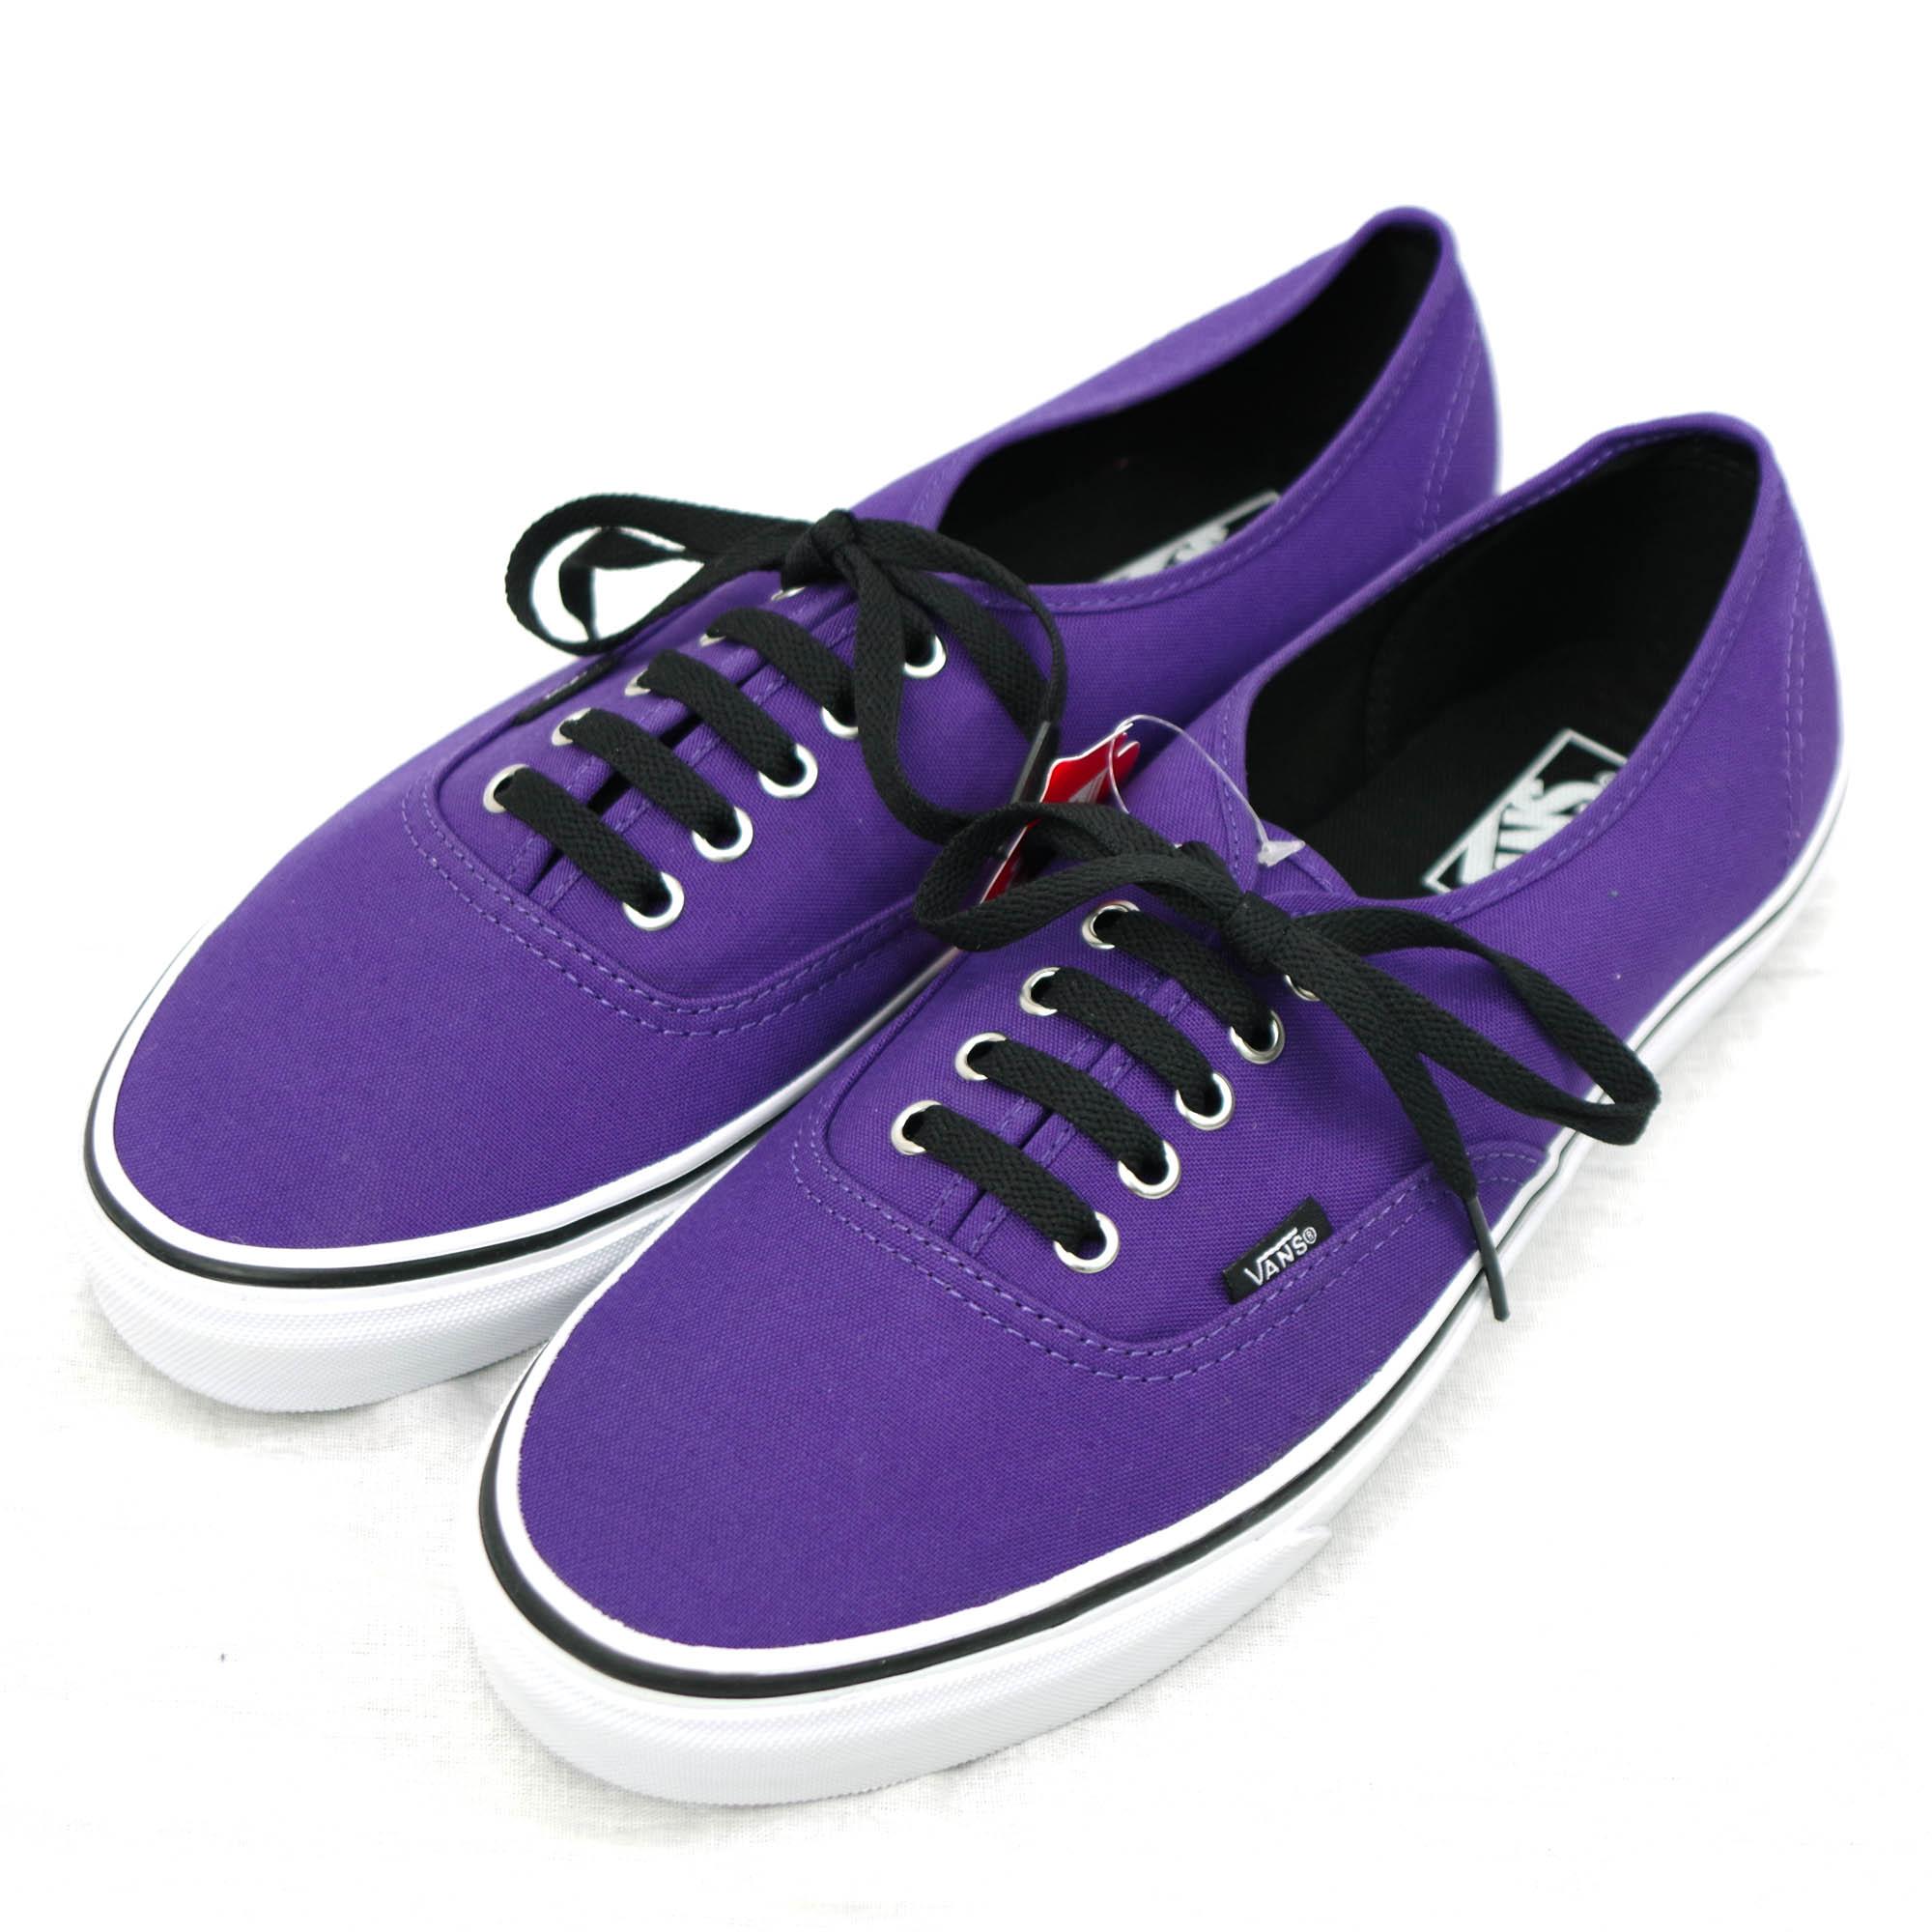 DEADSTOCK Authentic Dark Purple【VANS】